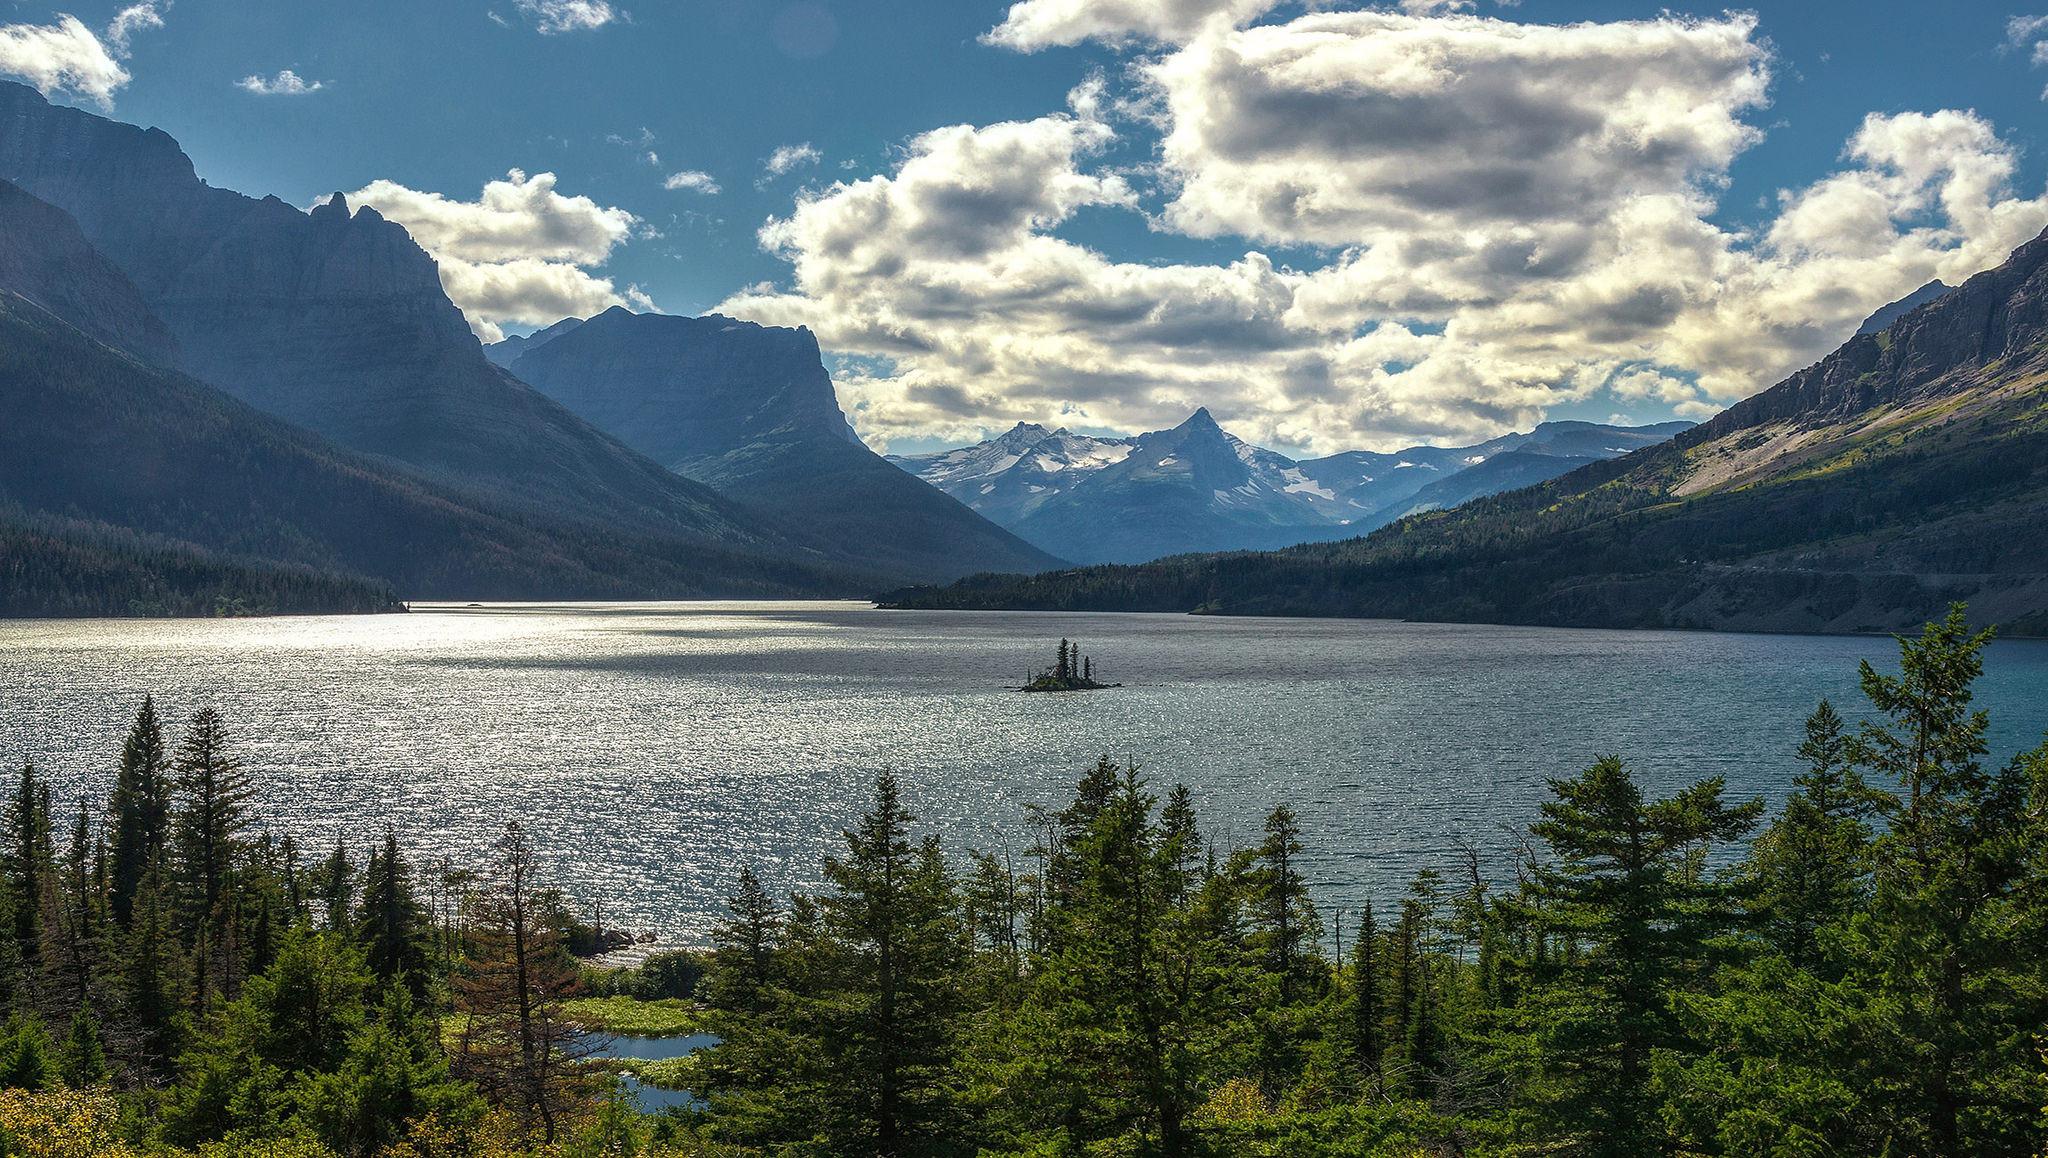 обои Saint Marys Lake, Montana, озеро, горы картинки фото